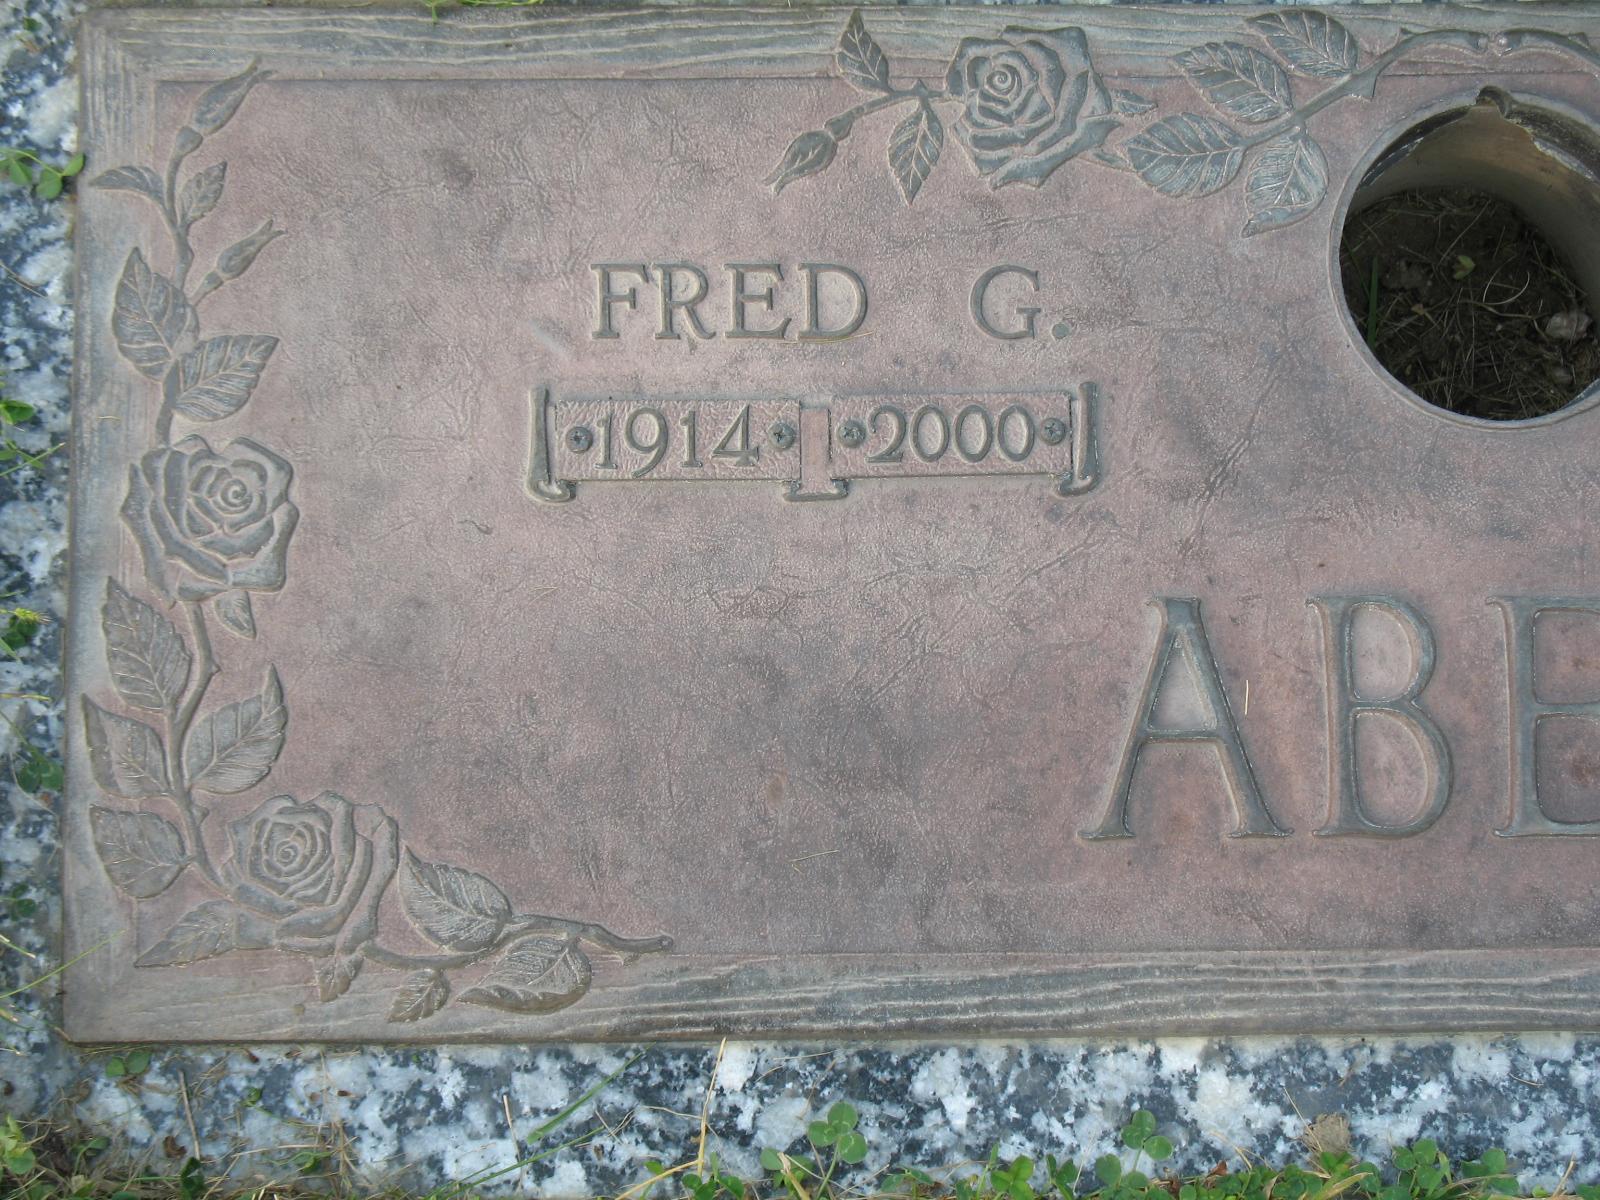 Fredrick George Fred Abell